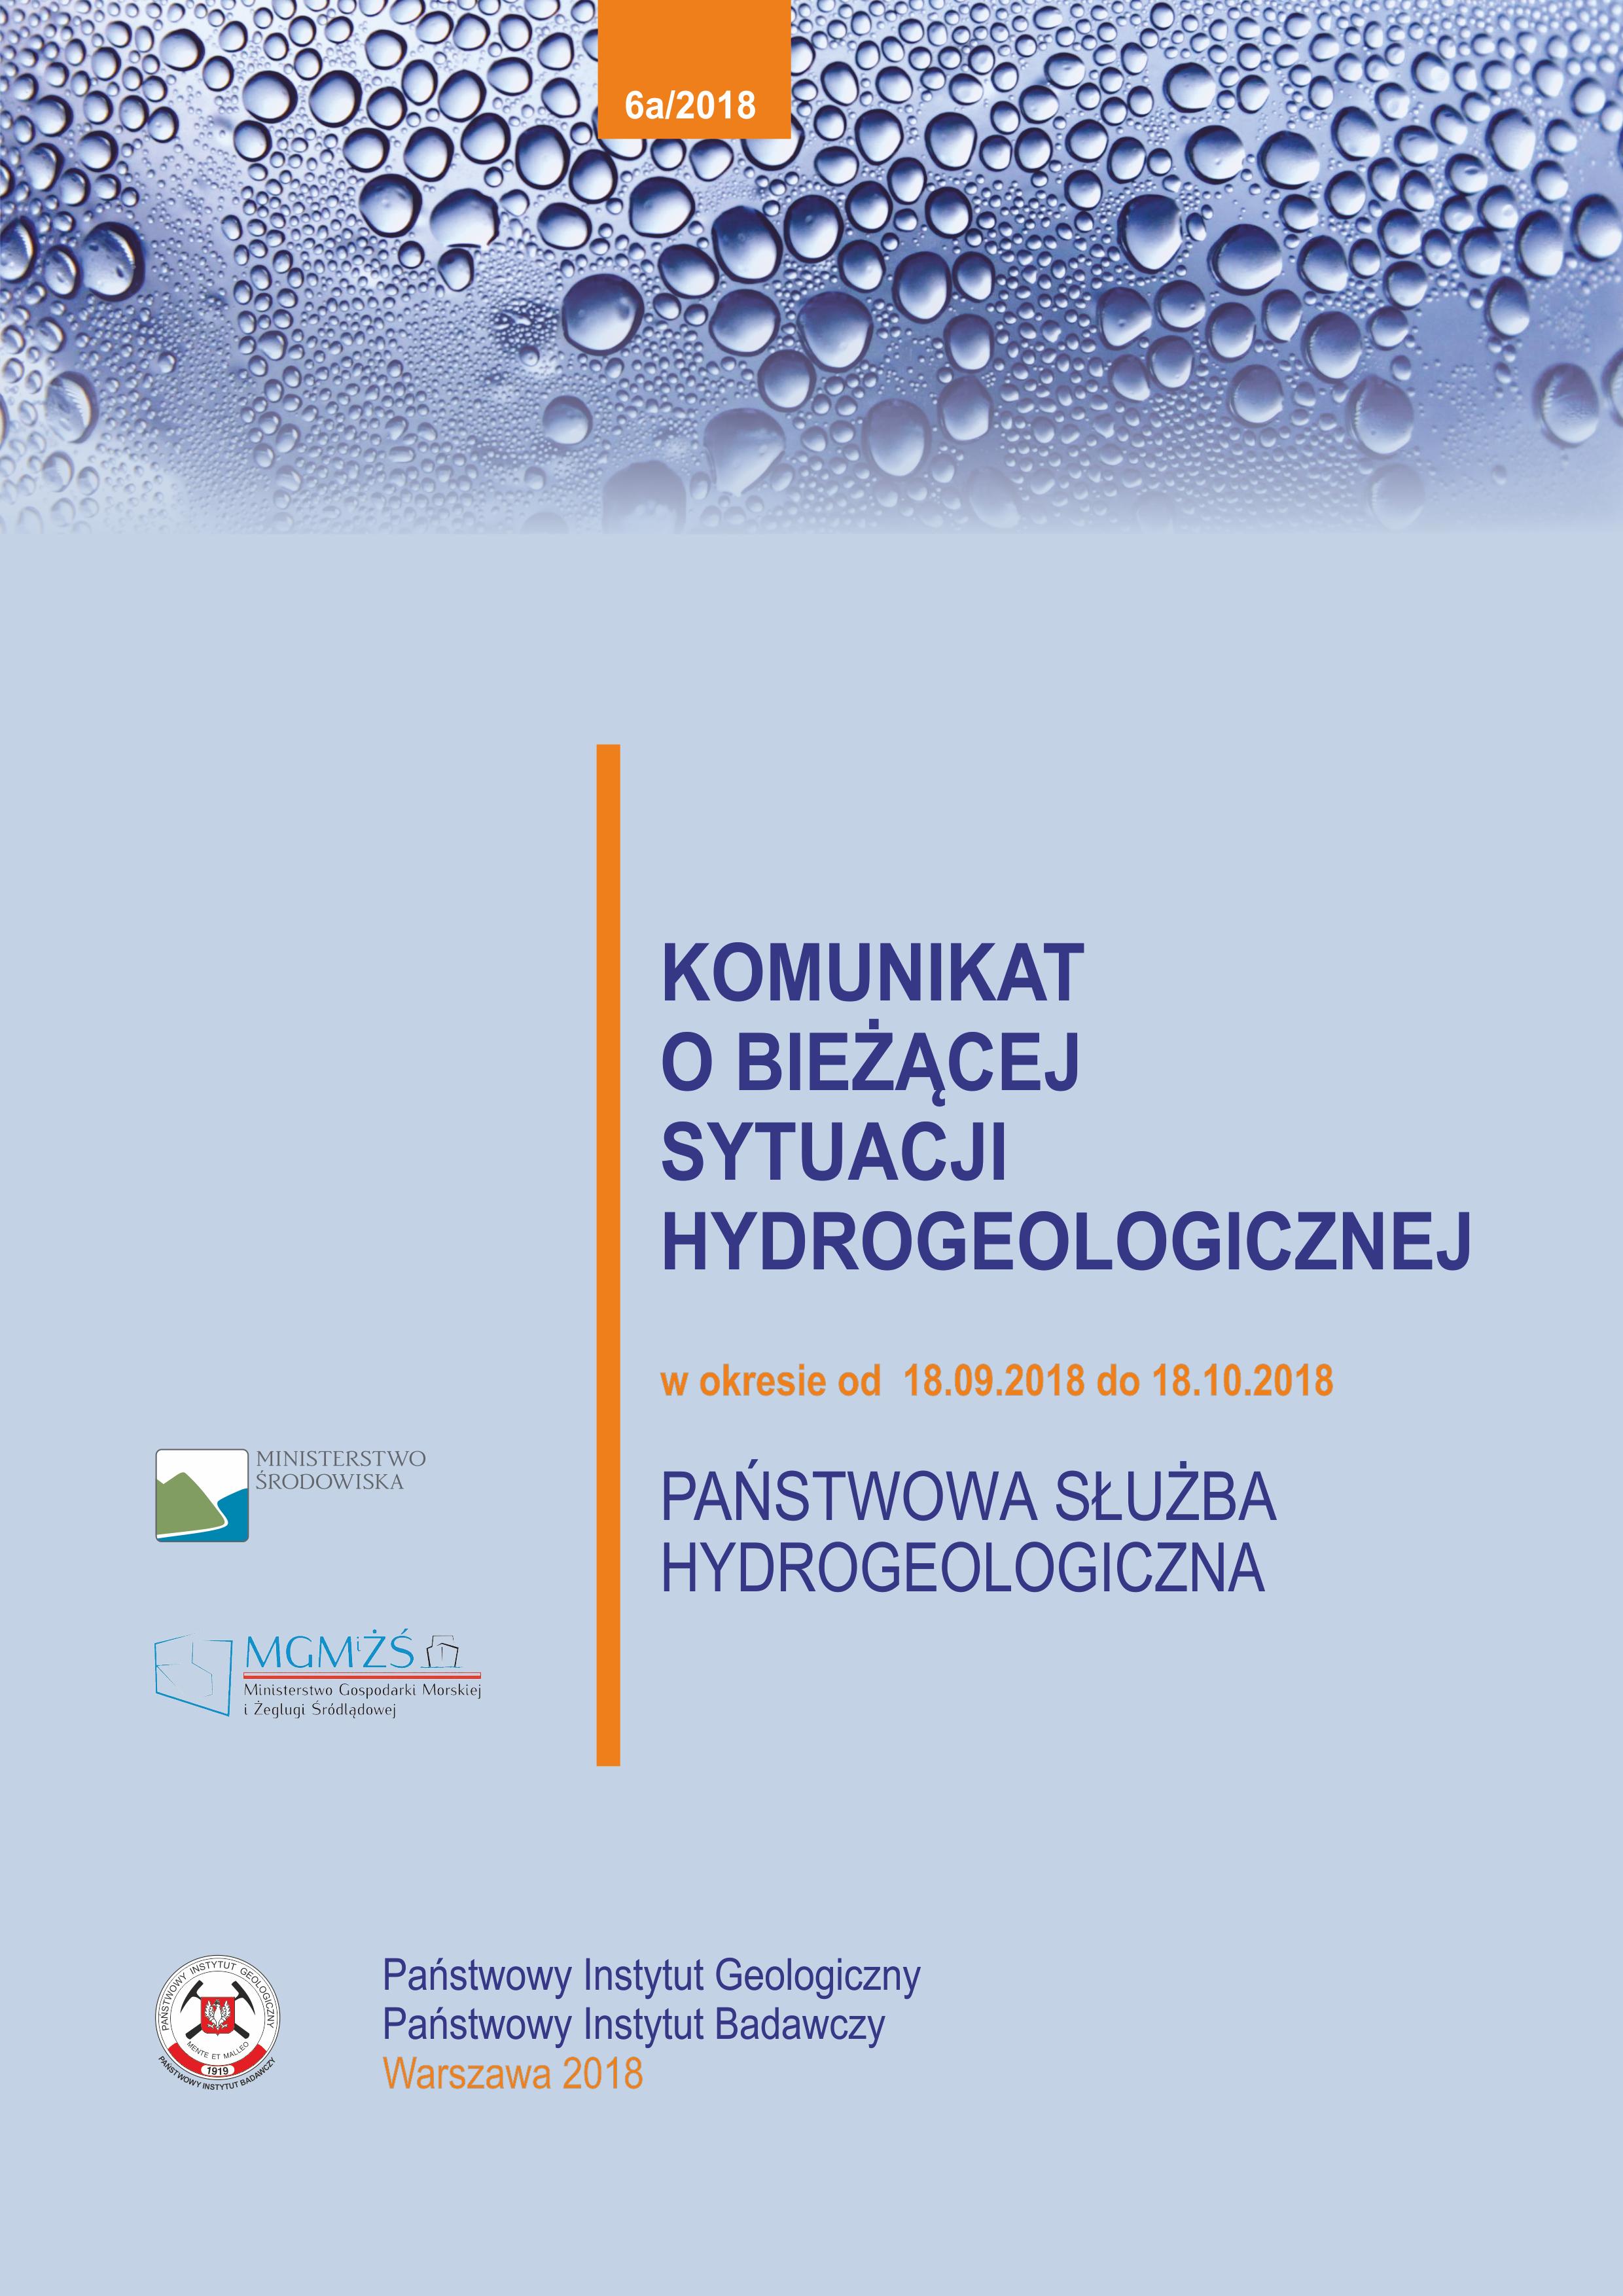 Komunikat o bieżącej sytuacji hydrogeologicznej w okresie 18.09.2018 - 18.10.2018